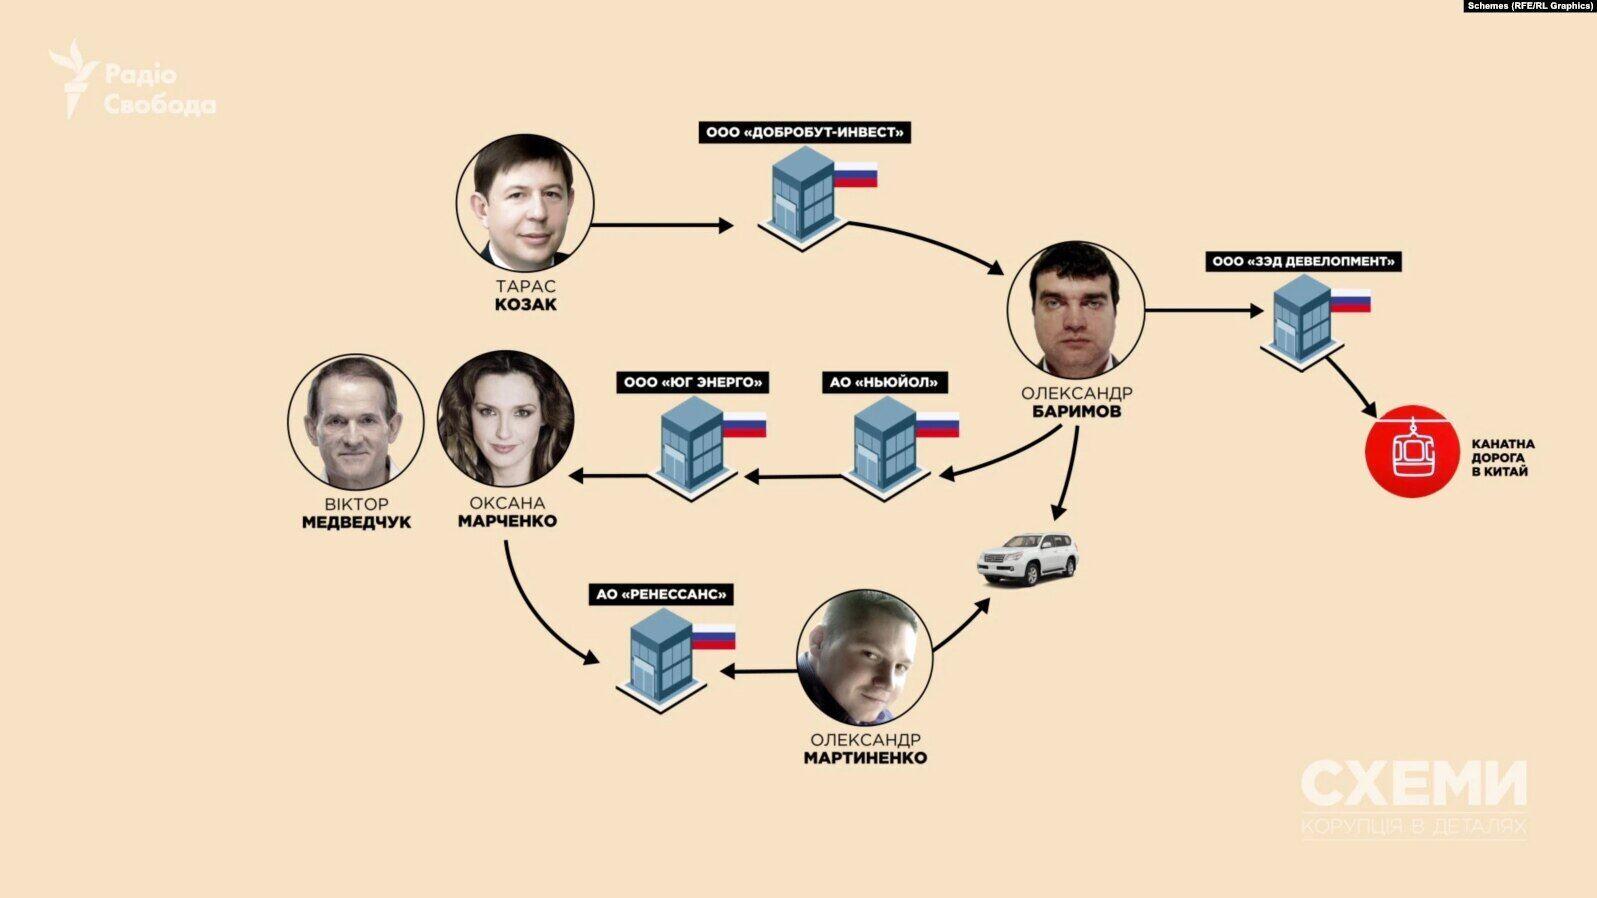 Медведчук і Козак взялися за великий геополітичний проєкт у Росії – ЗМІ